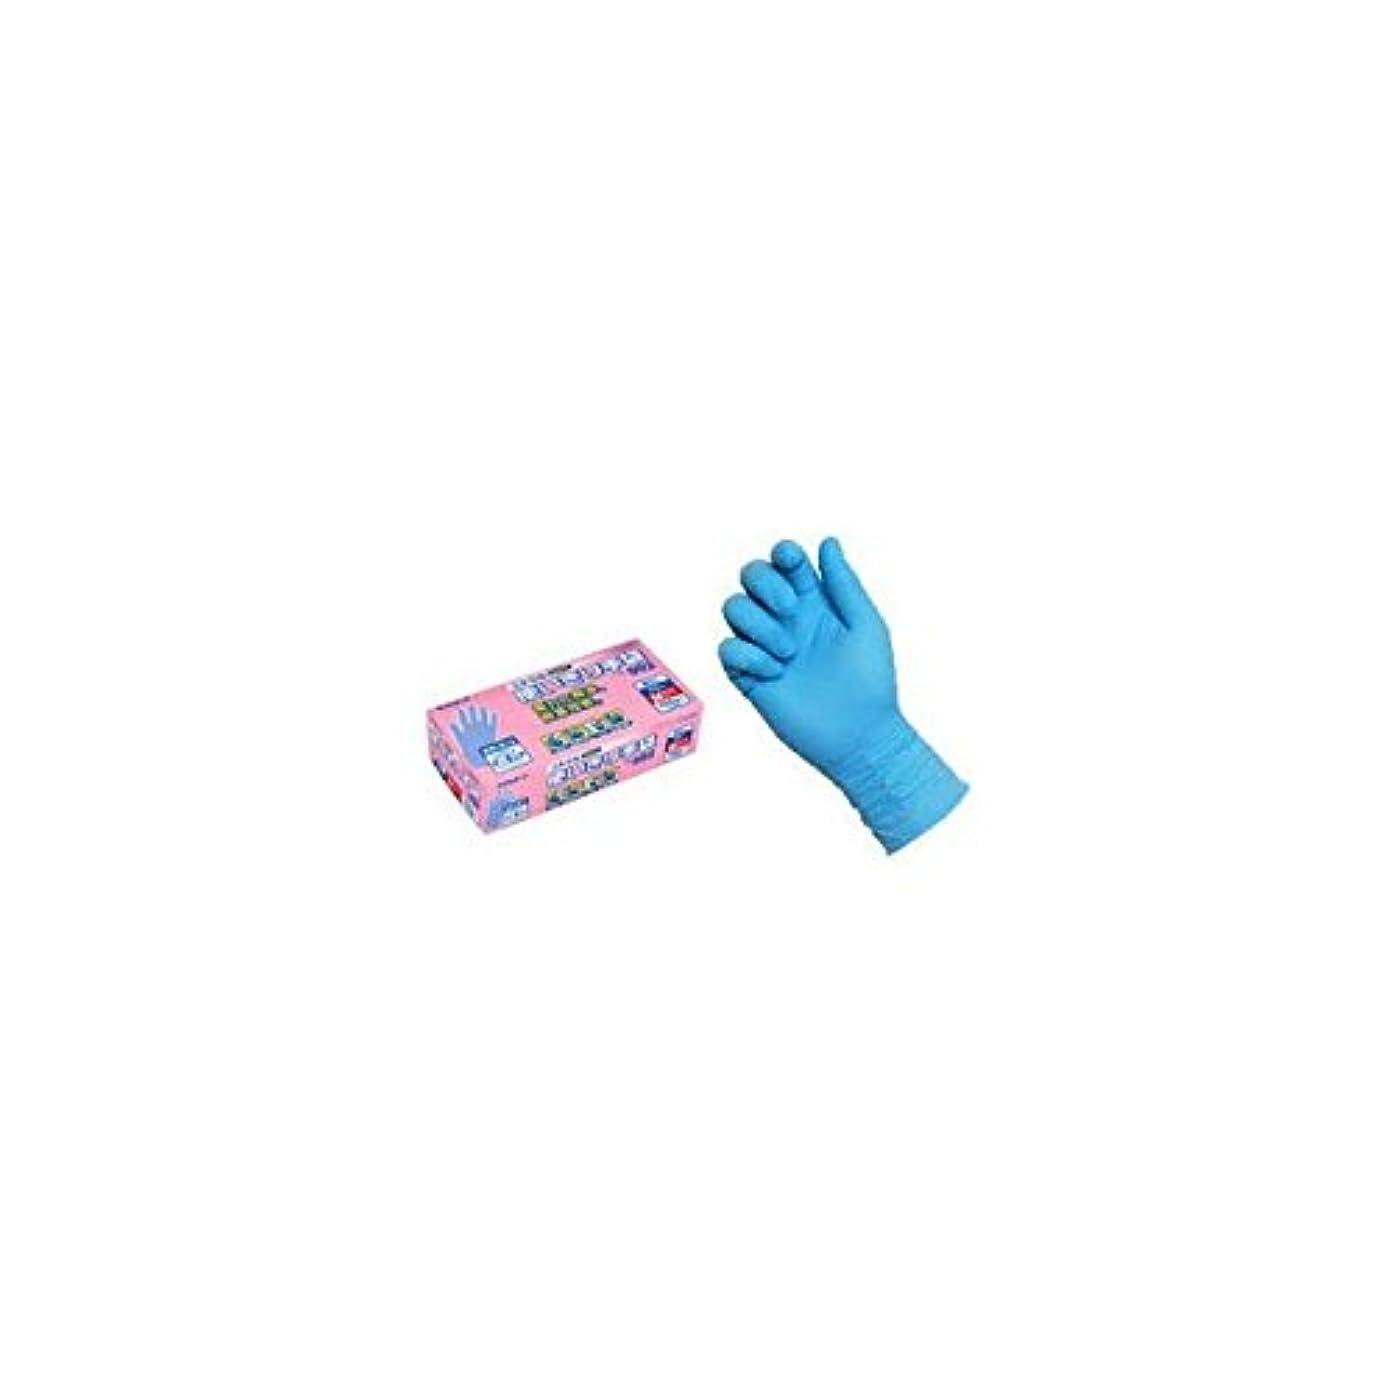 泥棒結婚式現在ニトリル使いきり手袋 PF NO.992 L ブルー エステー 【商品CD】ST4786